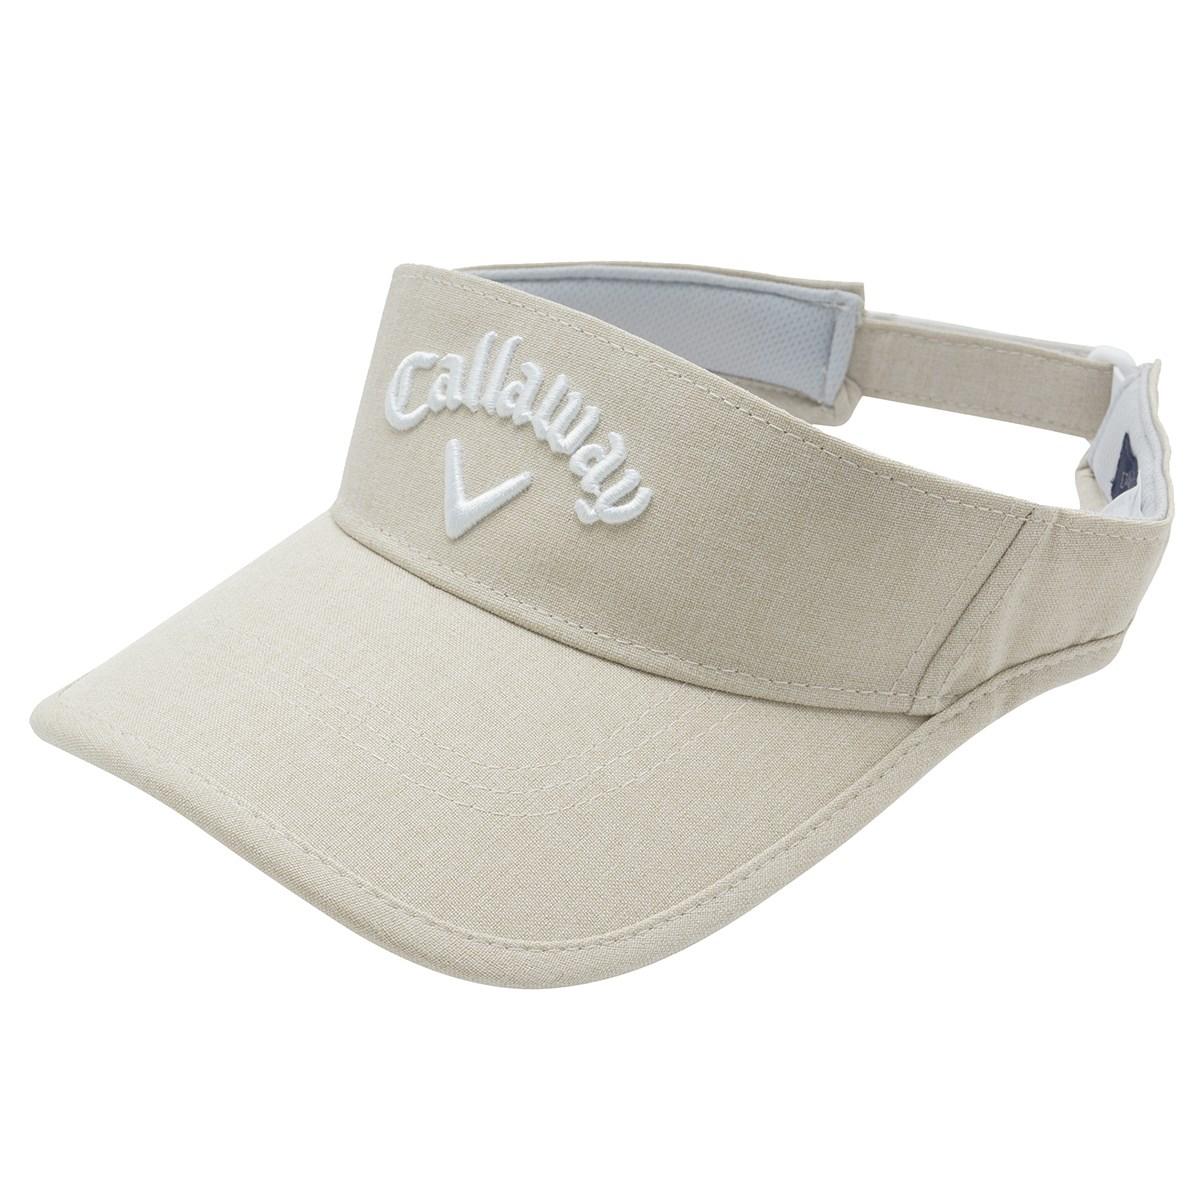 キャロウェイゴルフ(Callaway Golf) シャンブレーサンバイザー